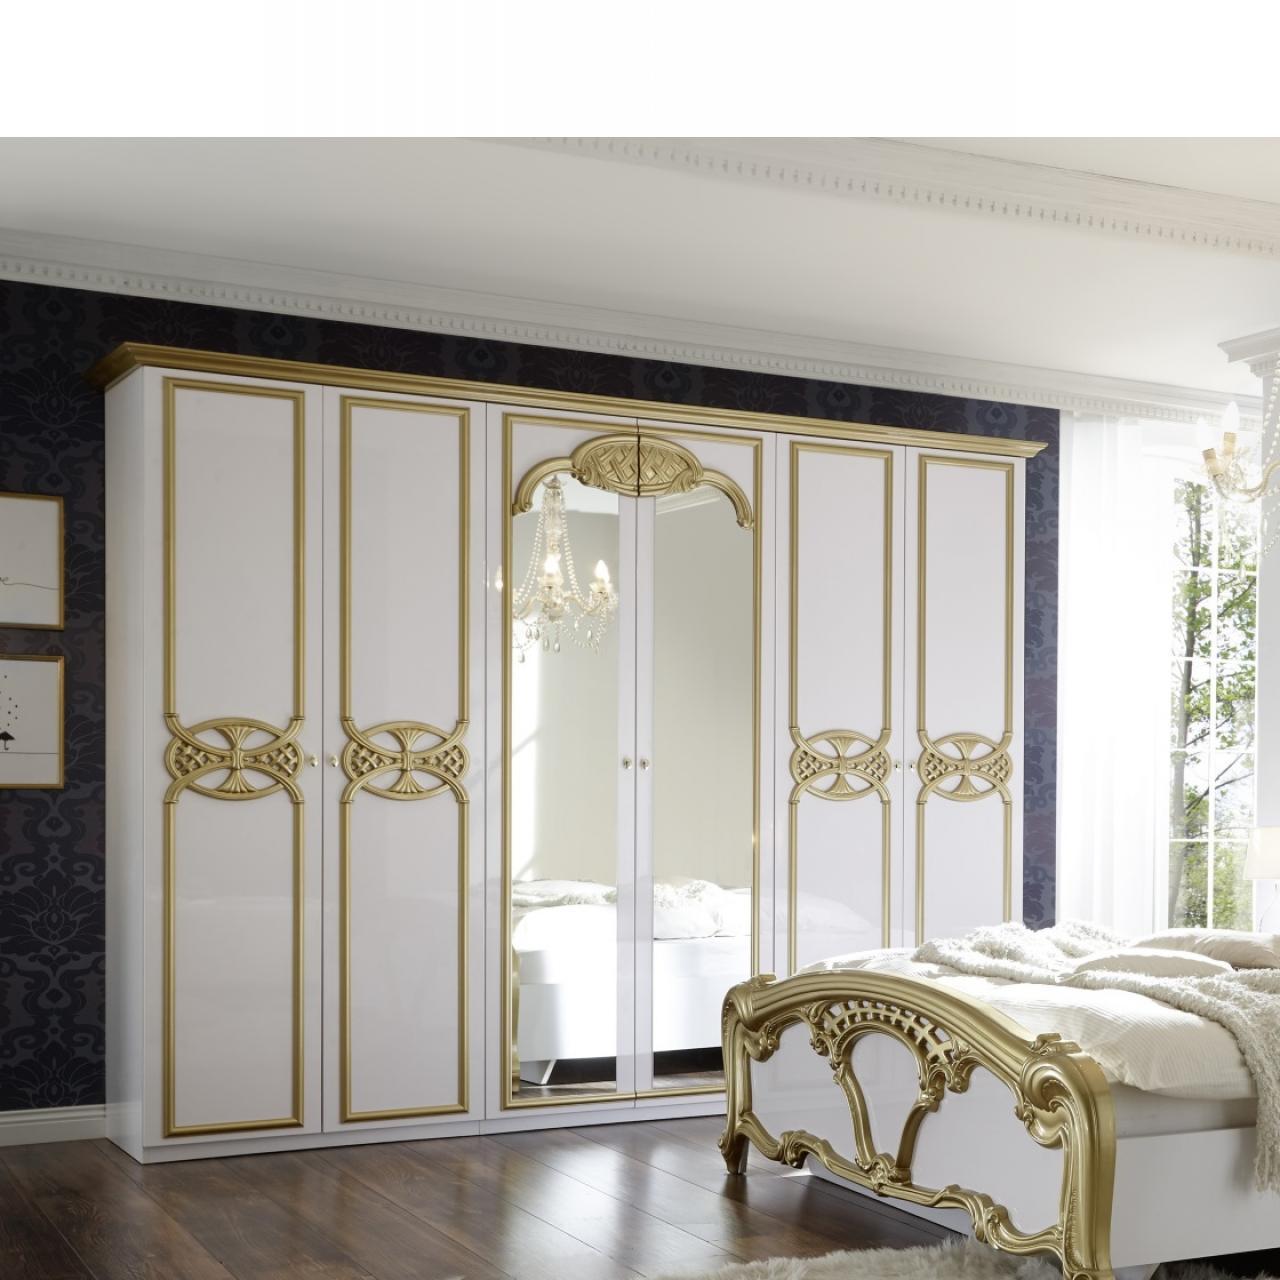 Kleiderschrank Claudia Weiss Gold Mdf 2 Spiegelturen 6 Turig Schlafzimmerschrank Drehturen Kleiderschranke Schlafen Mobel Jahnichen Center Gmbh